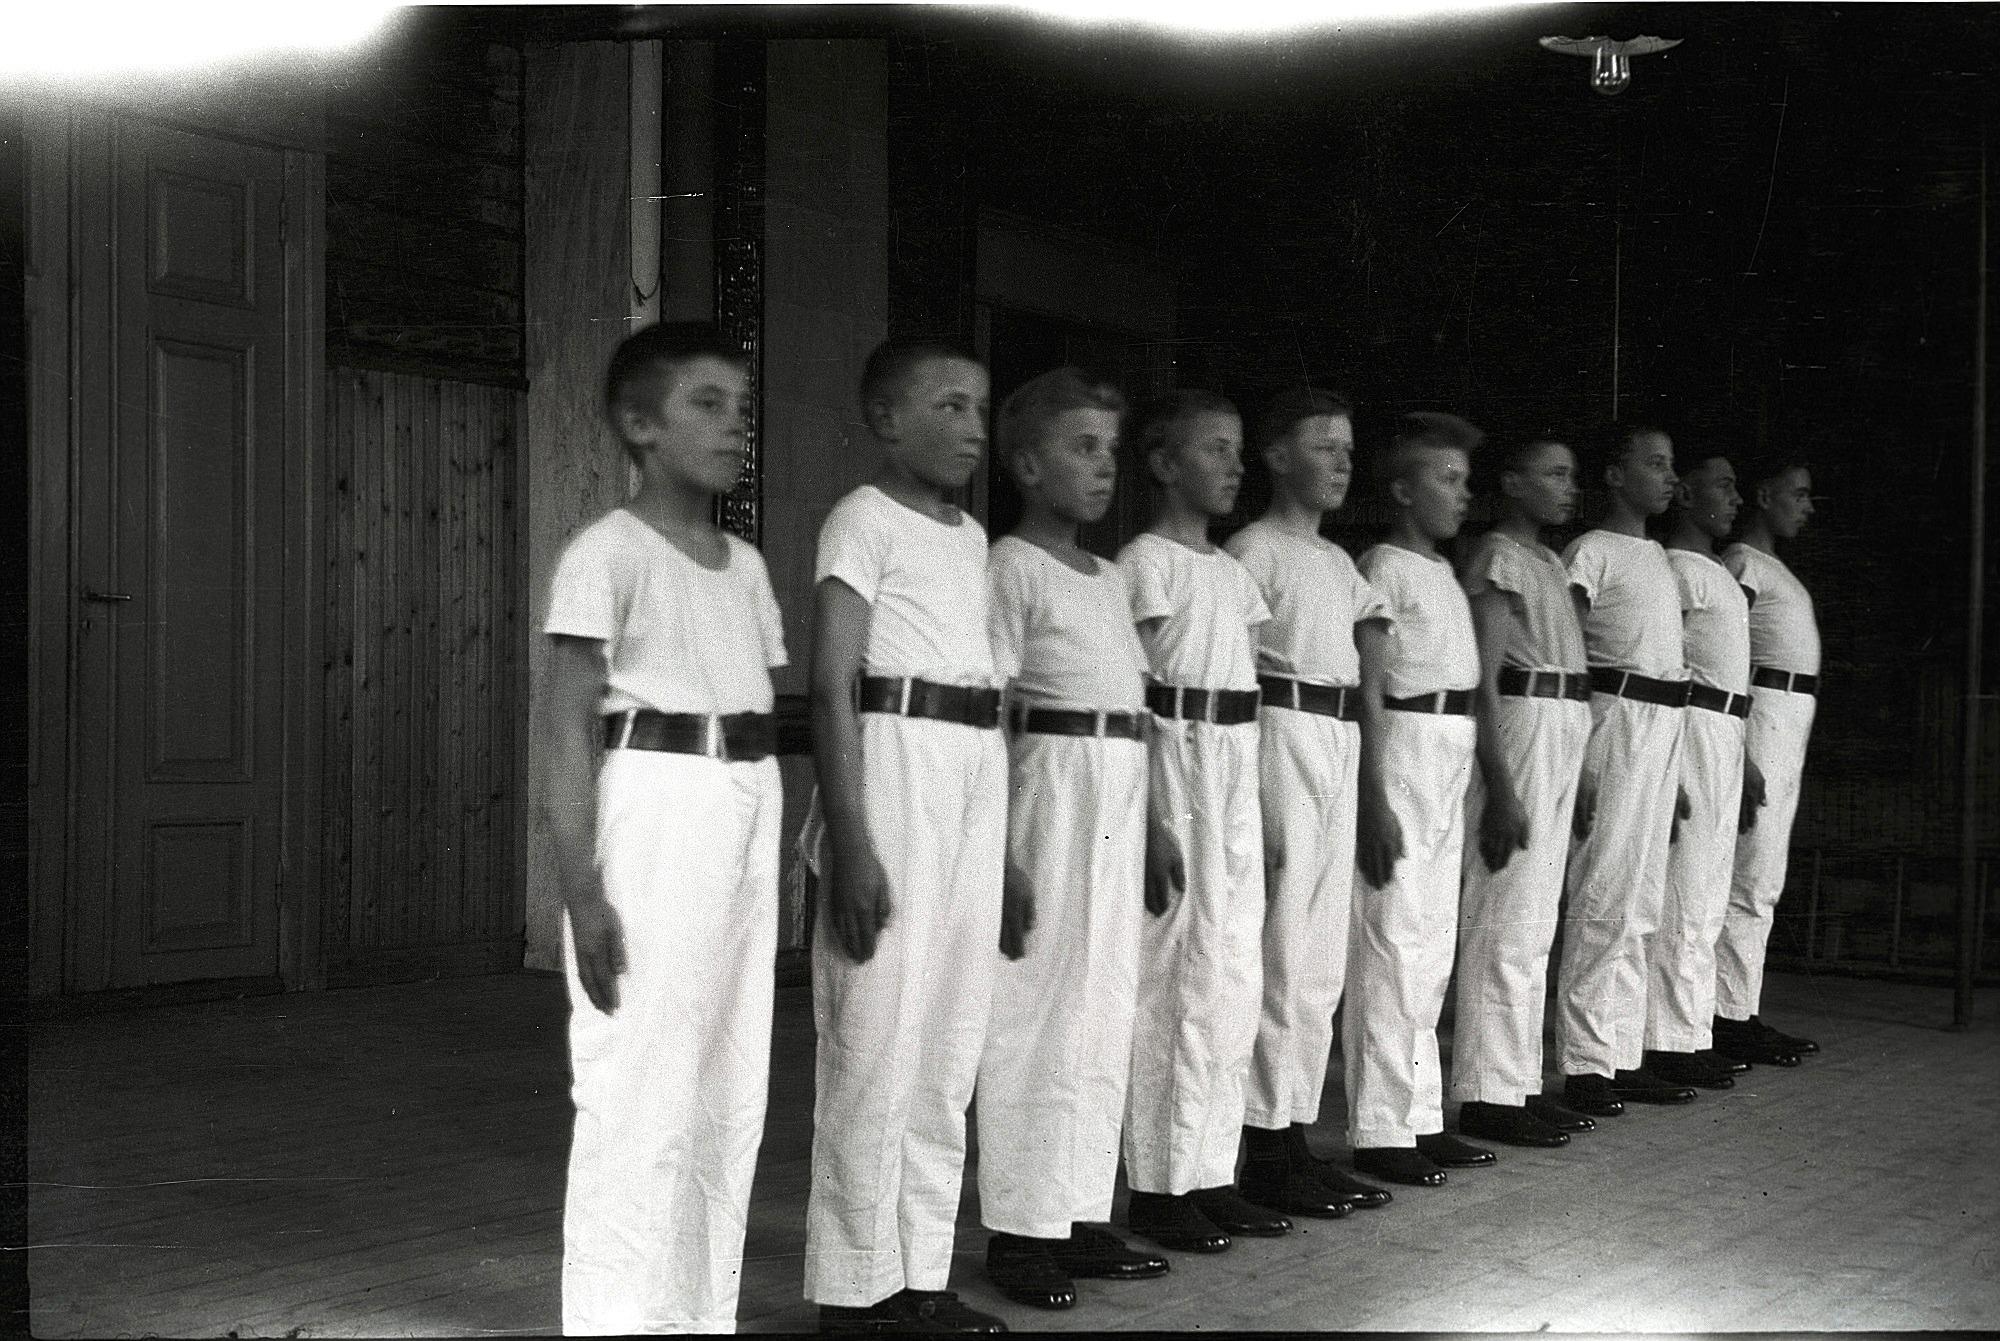 Lantbruksklubben egna gymnastiklag år 1930, från vänster Åke Storhannus, Gunnar Ingvesback, Karl Stenman, Elis Knus, Valter Björknäs, Eskil Ålgars, Runar Ingvesback, Uno Björses, Helge Björklund och Ragnar Landgärds.